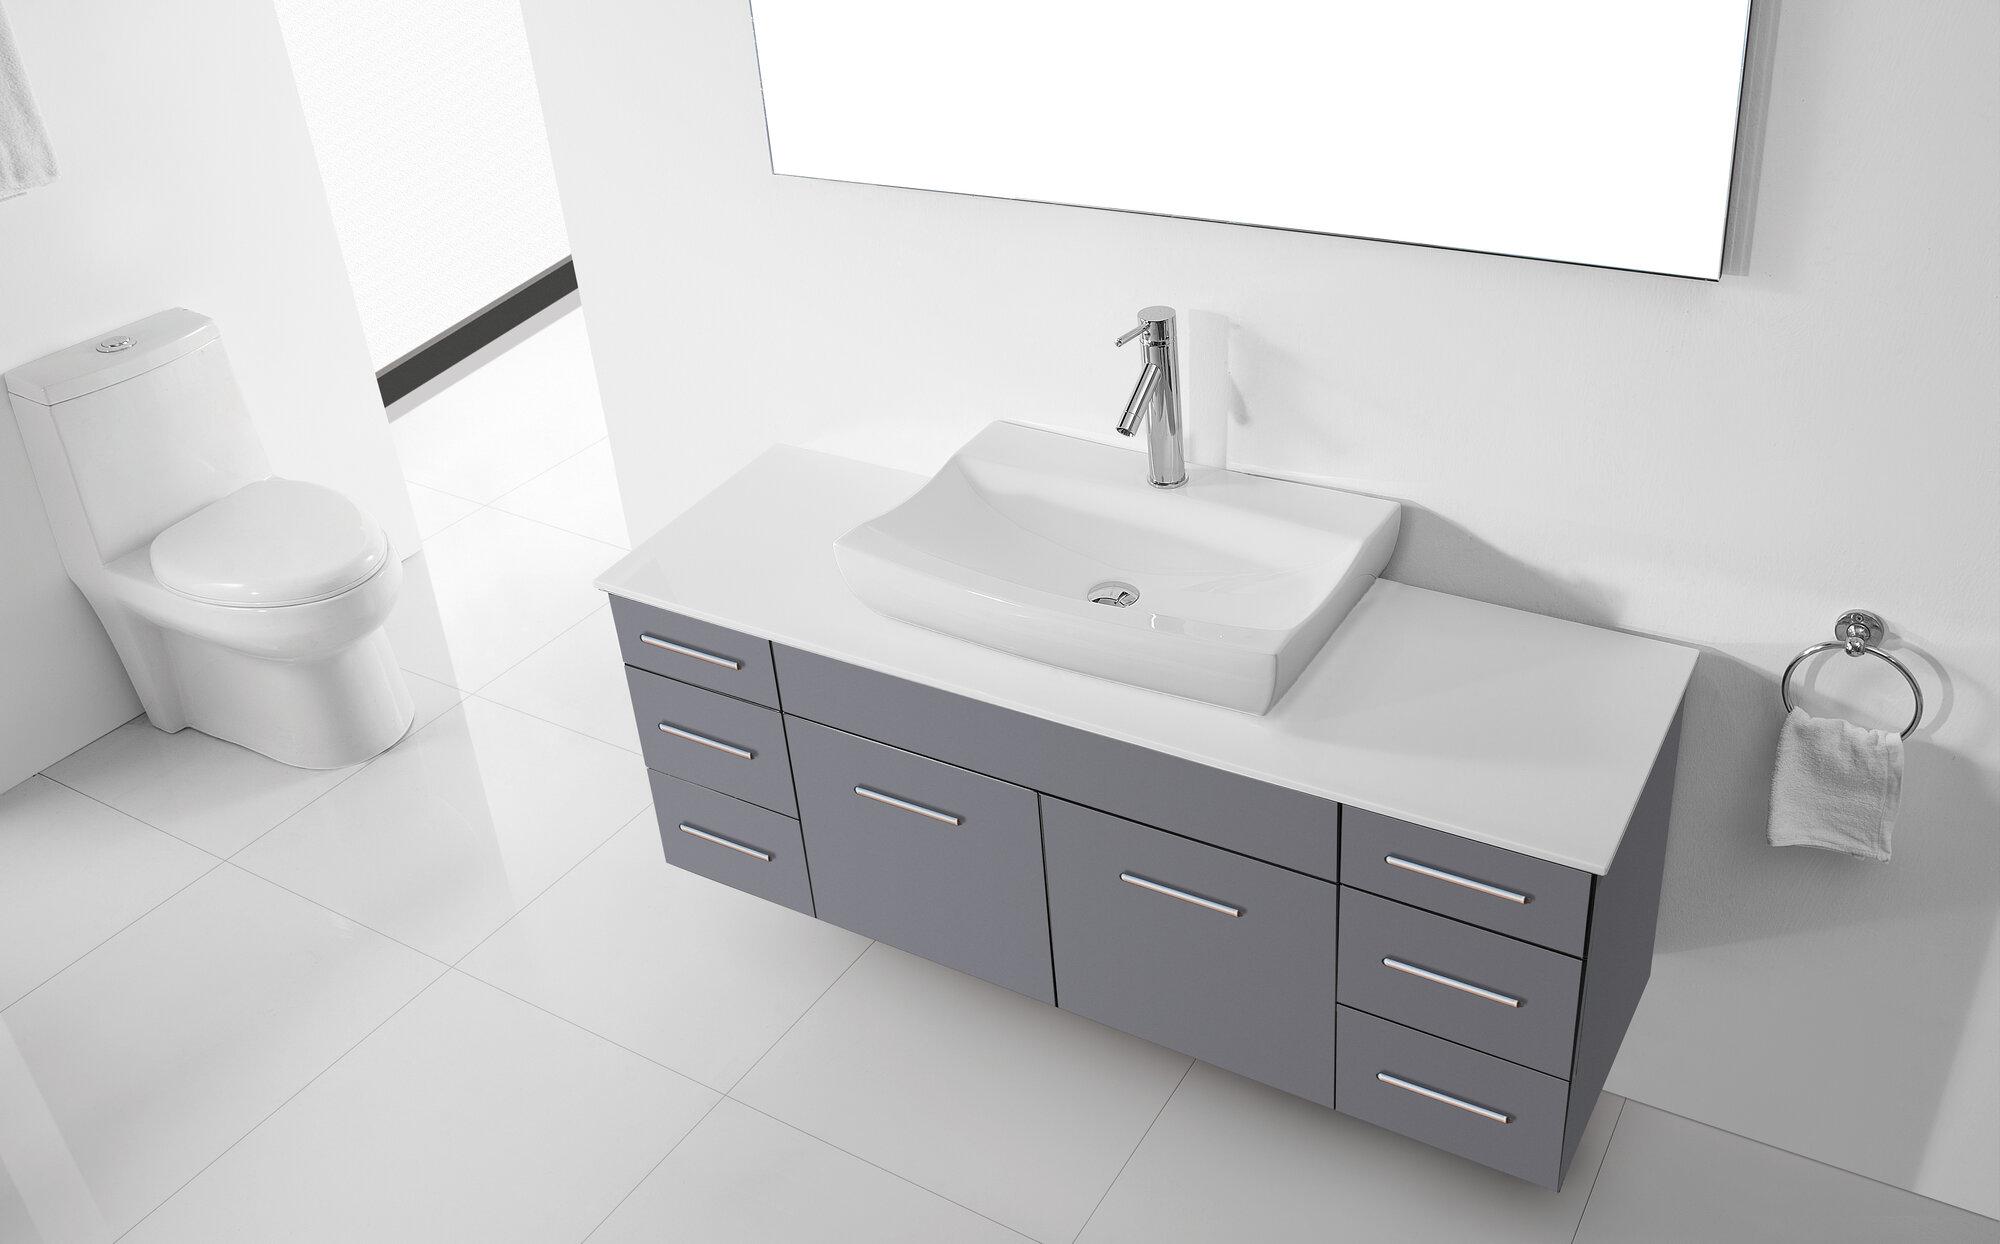 Virtu ultra modern series 56 single bathroom vanity set with mirror ebay for Ultra bathroom vanities burbank